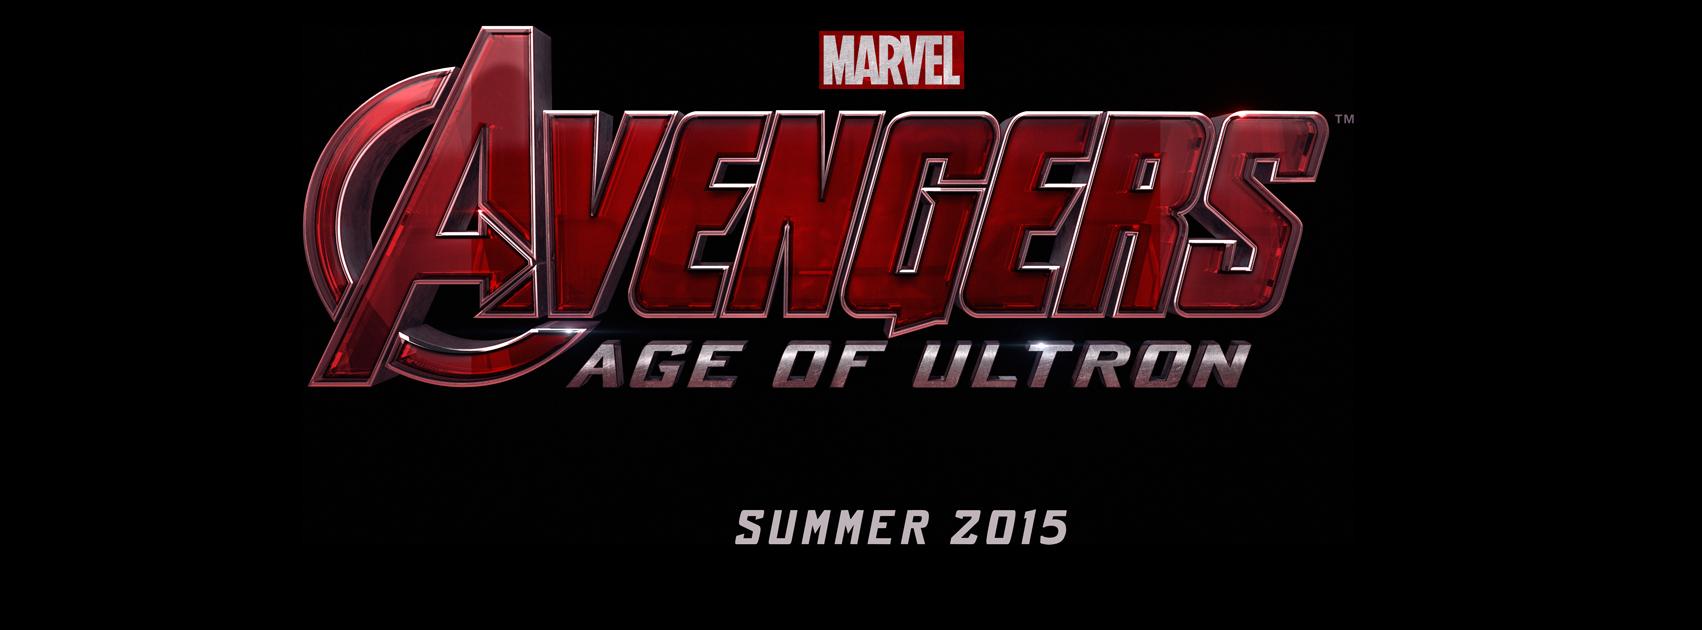 Avengers_AgeofUltron